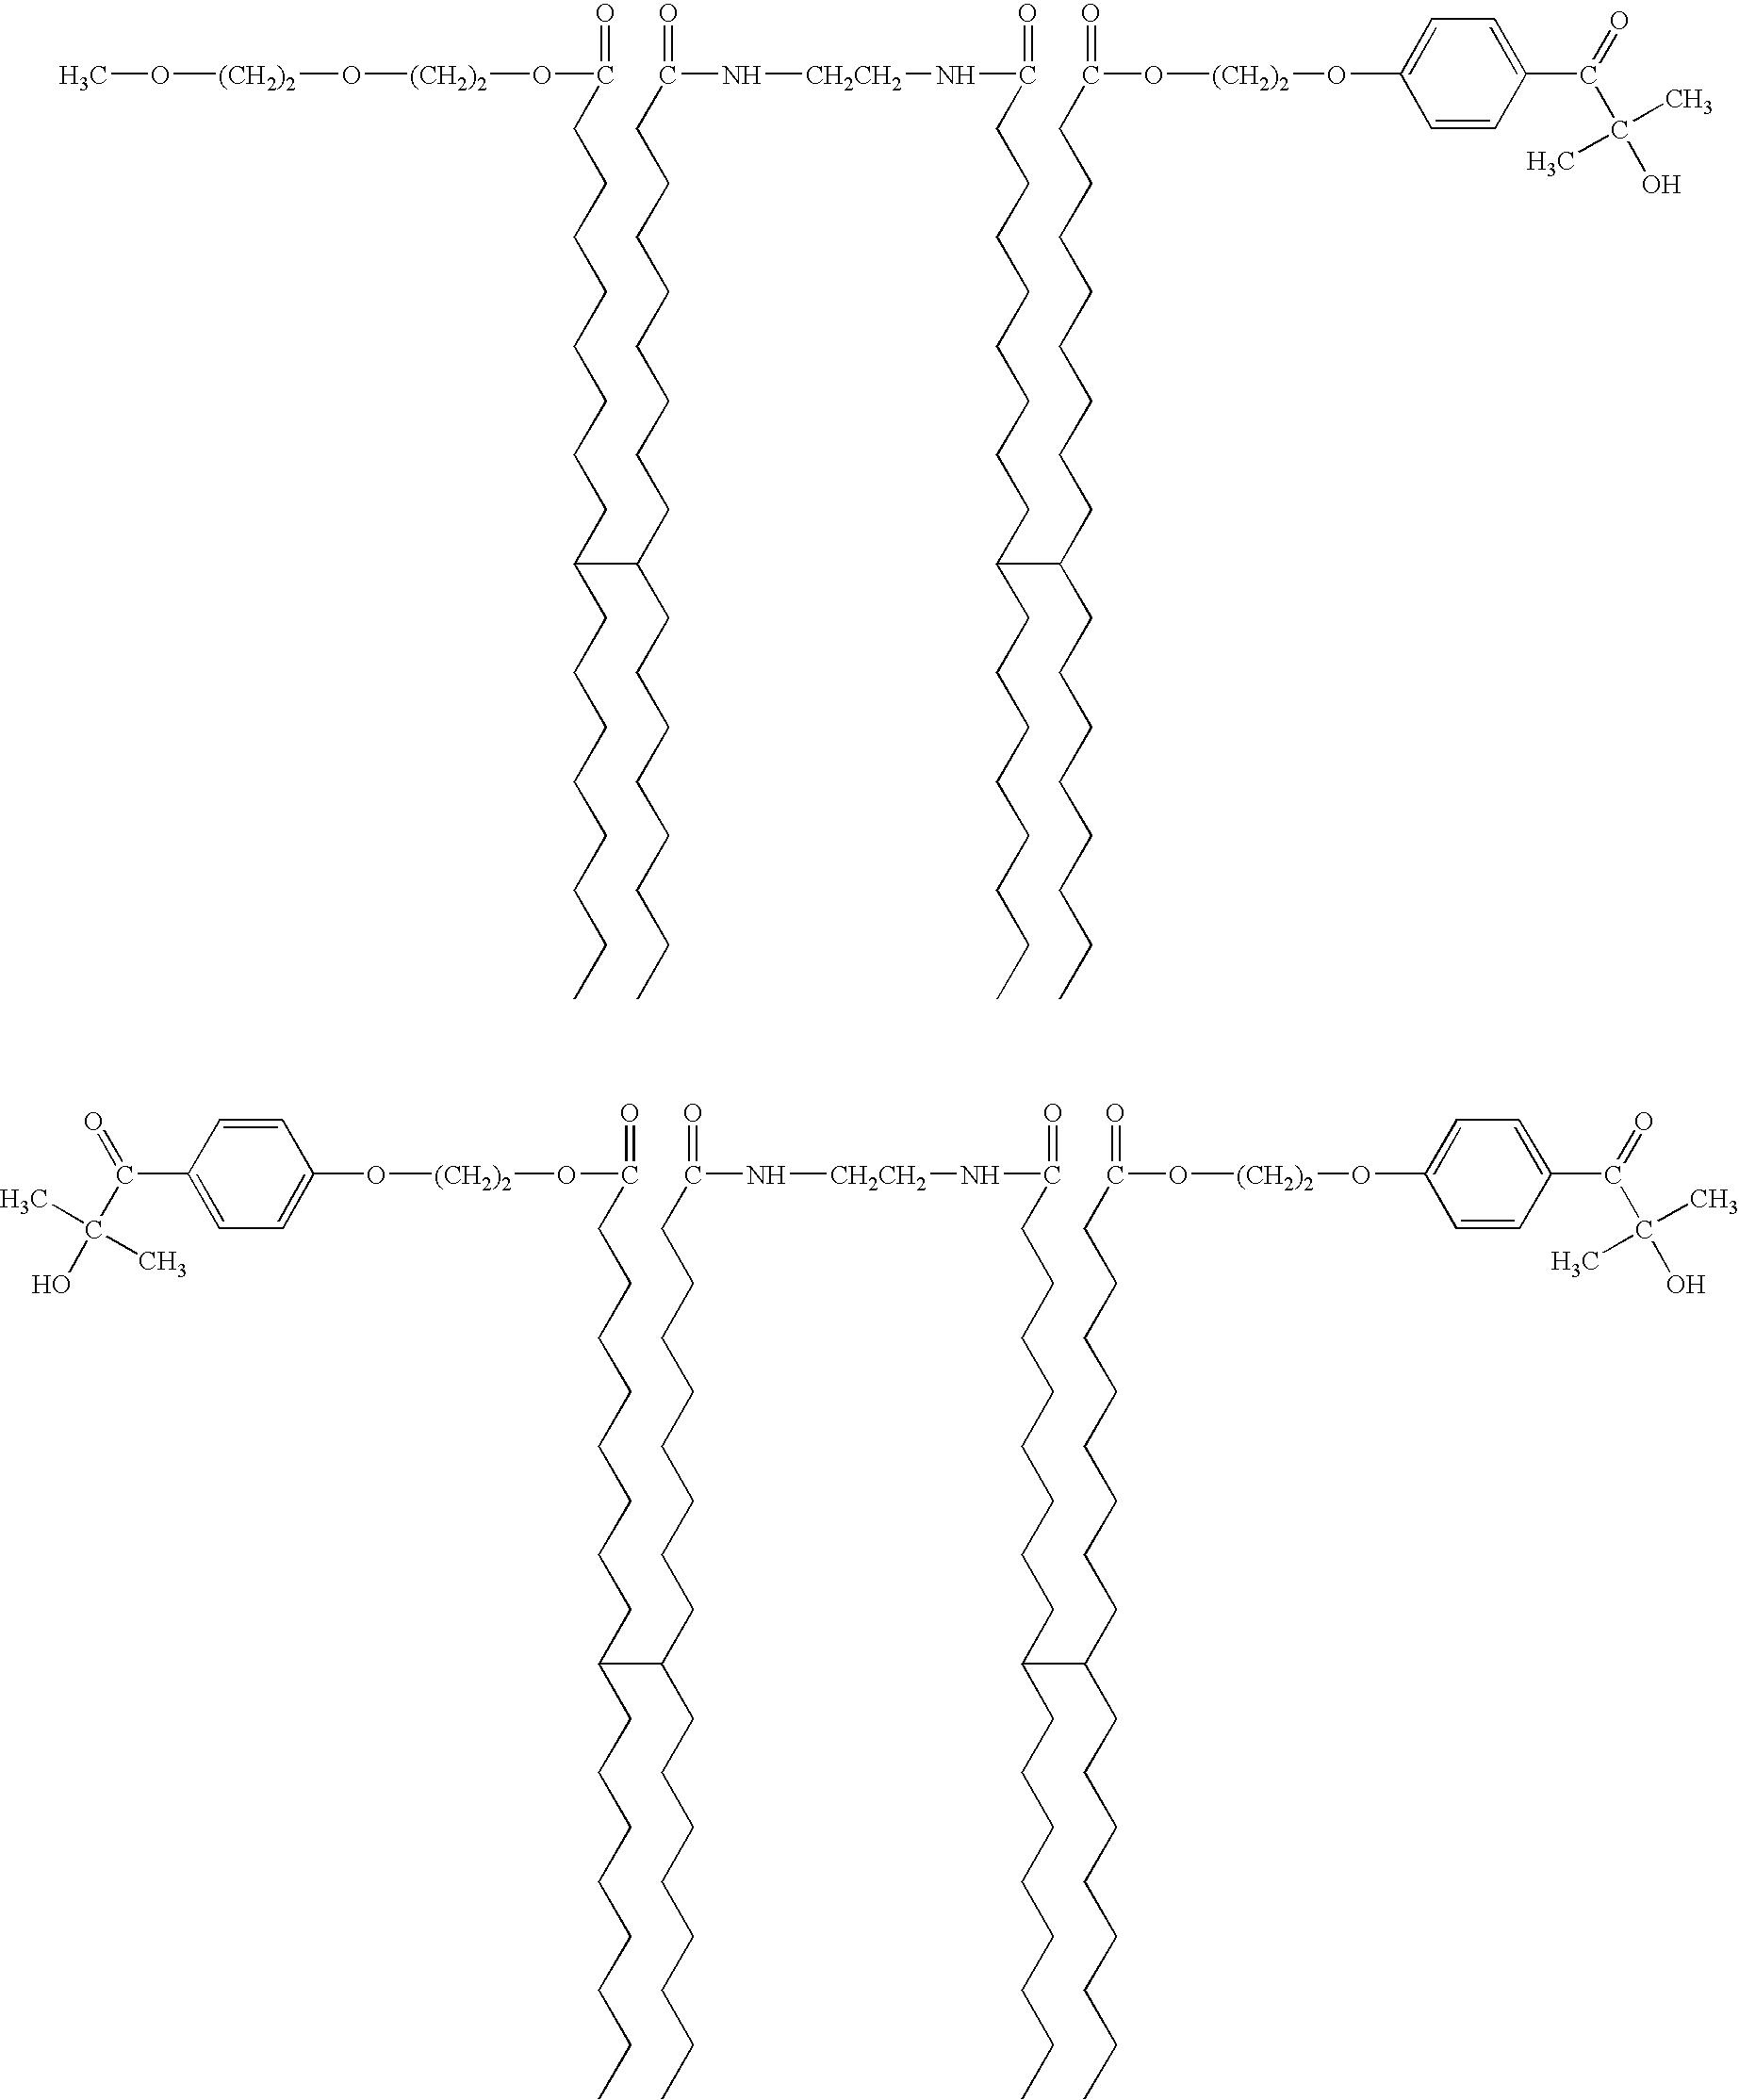 Figure US20070120910A1-20070531-C00047